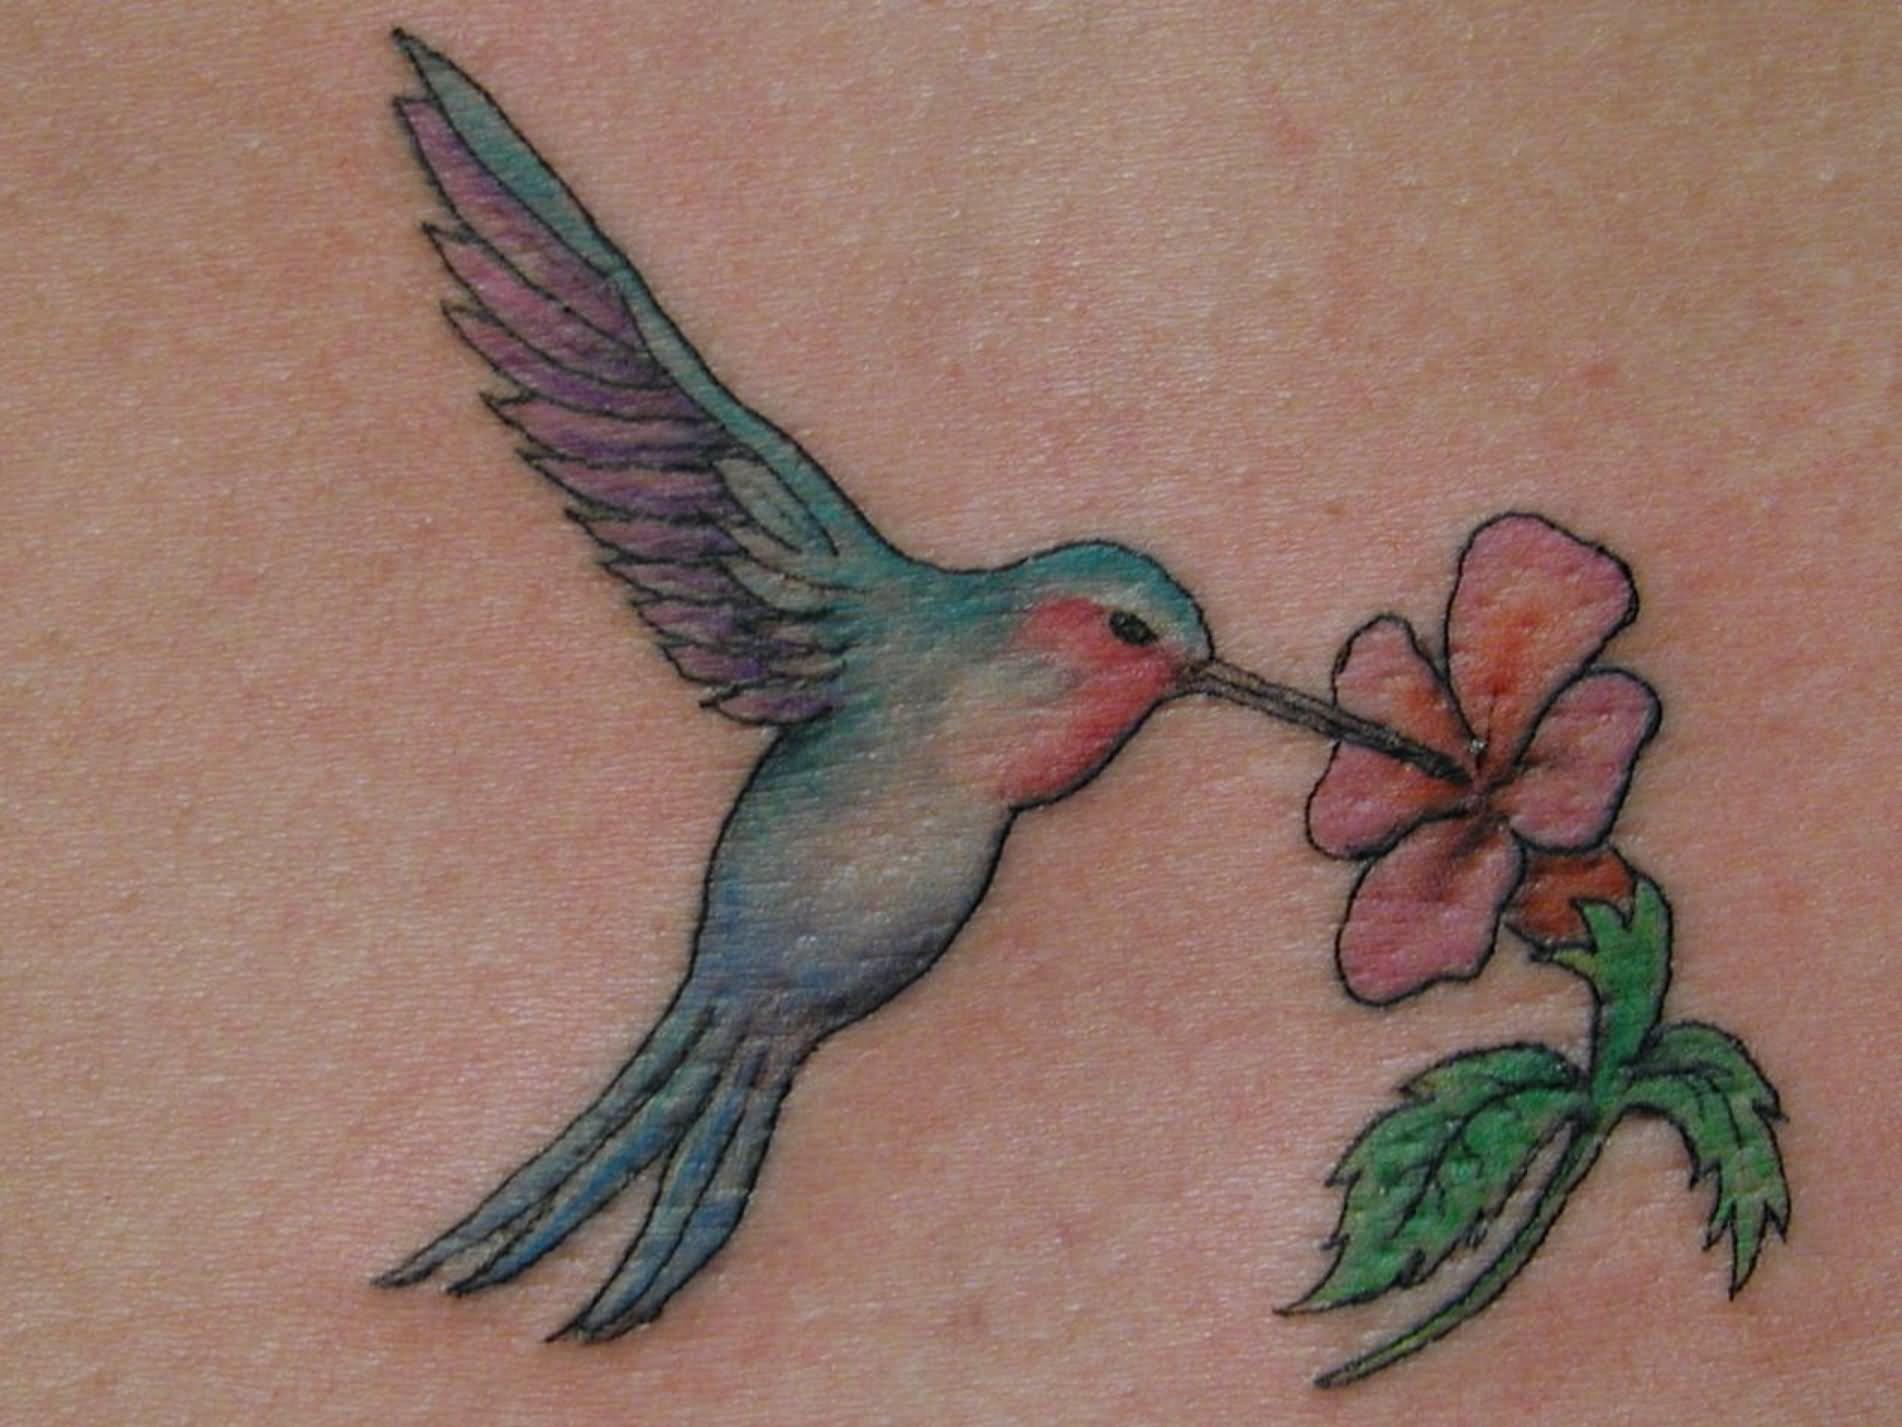 Small Pink Flower Hummingbird Tattoo